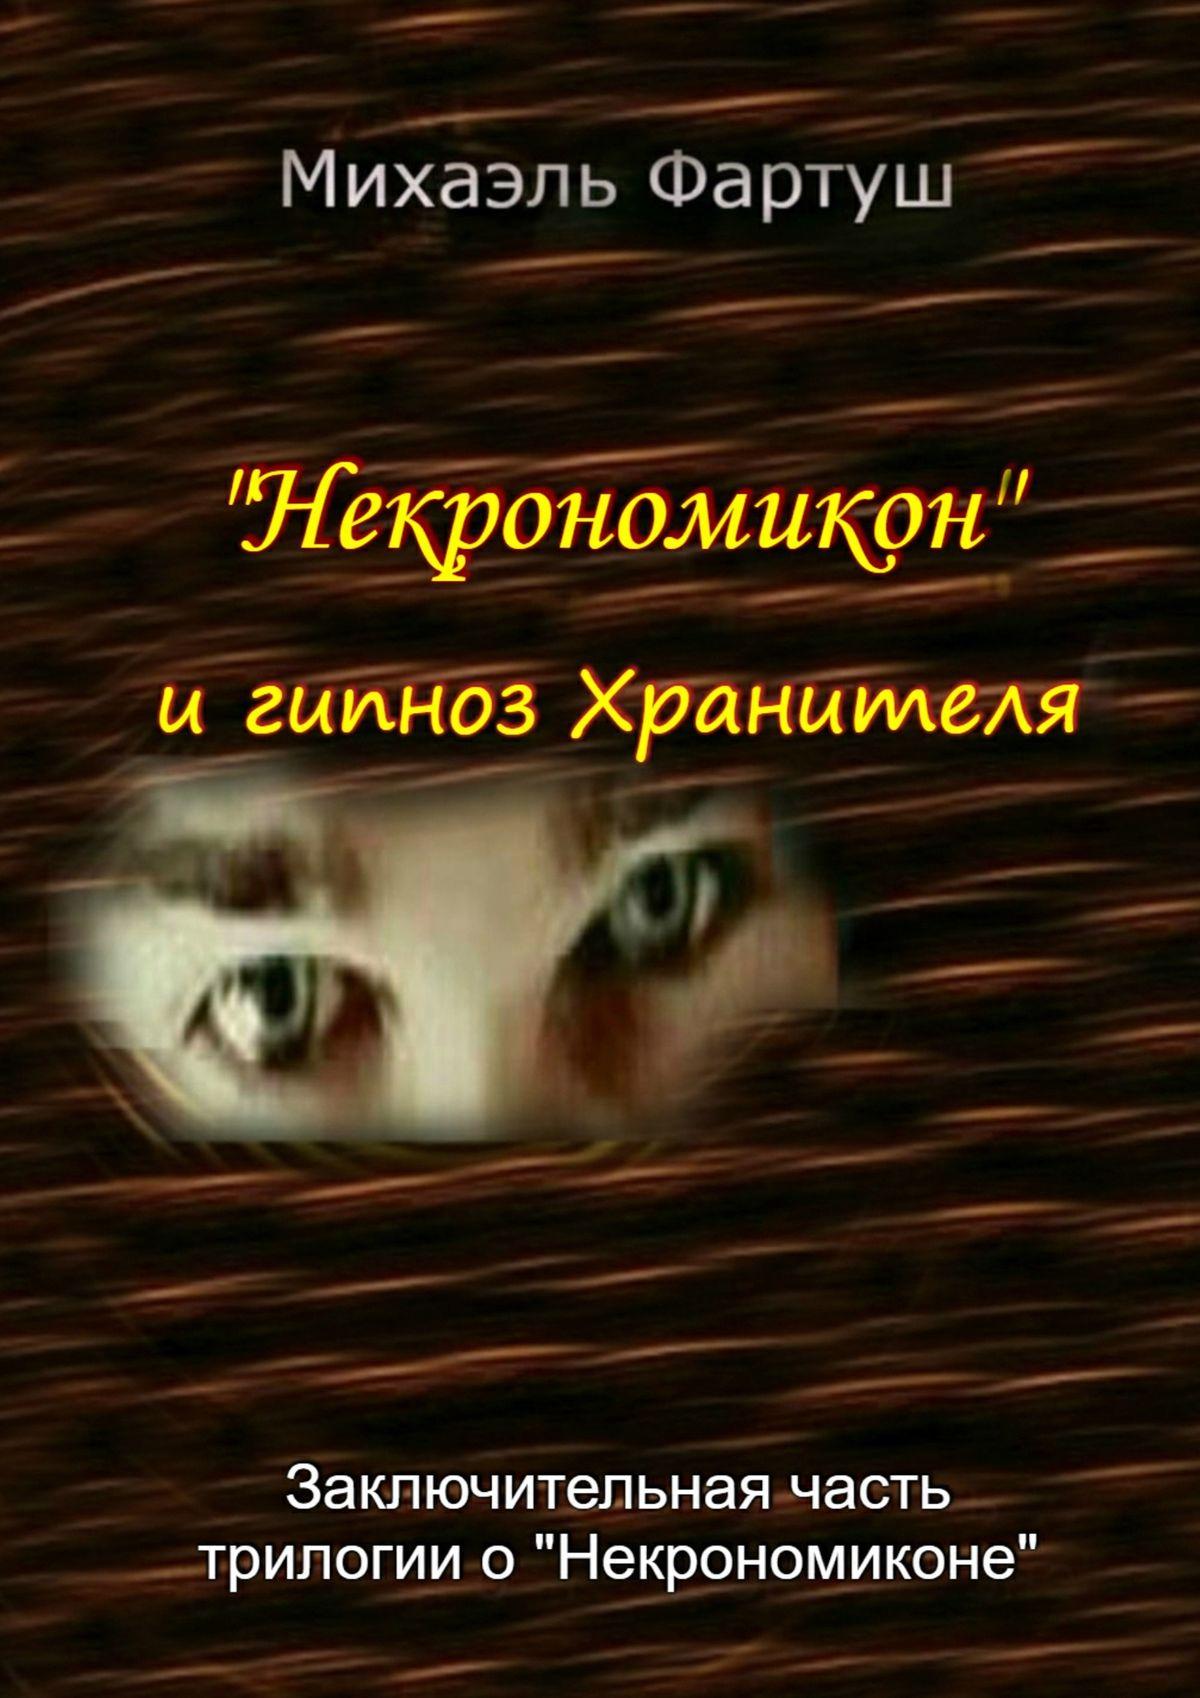 Михаэль Фартуш «Некрономикон» и гипноз Хранителя